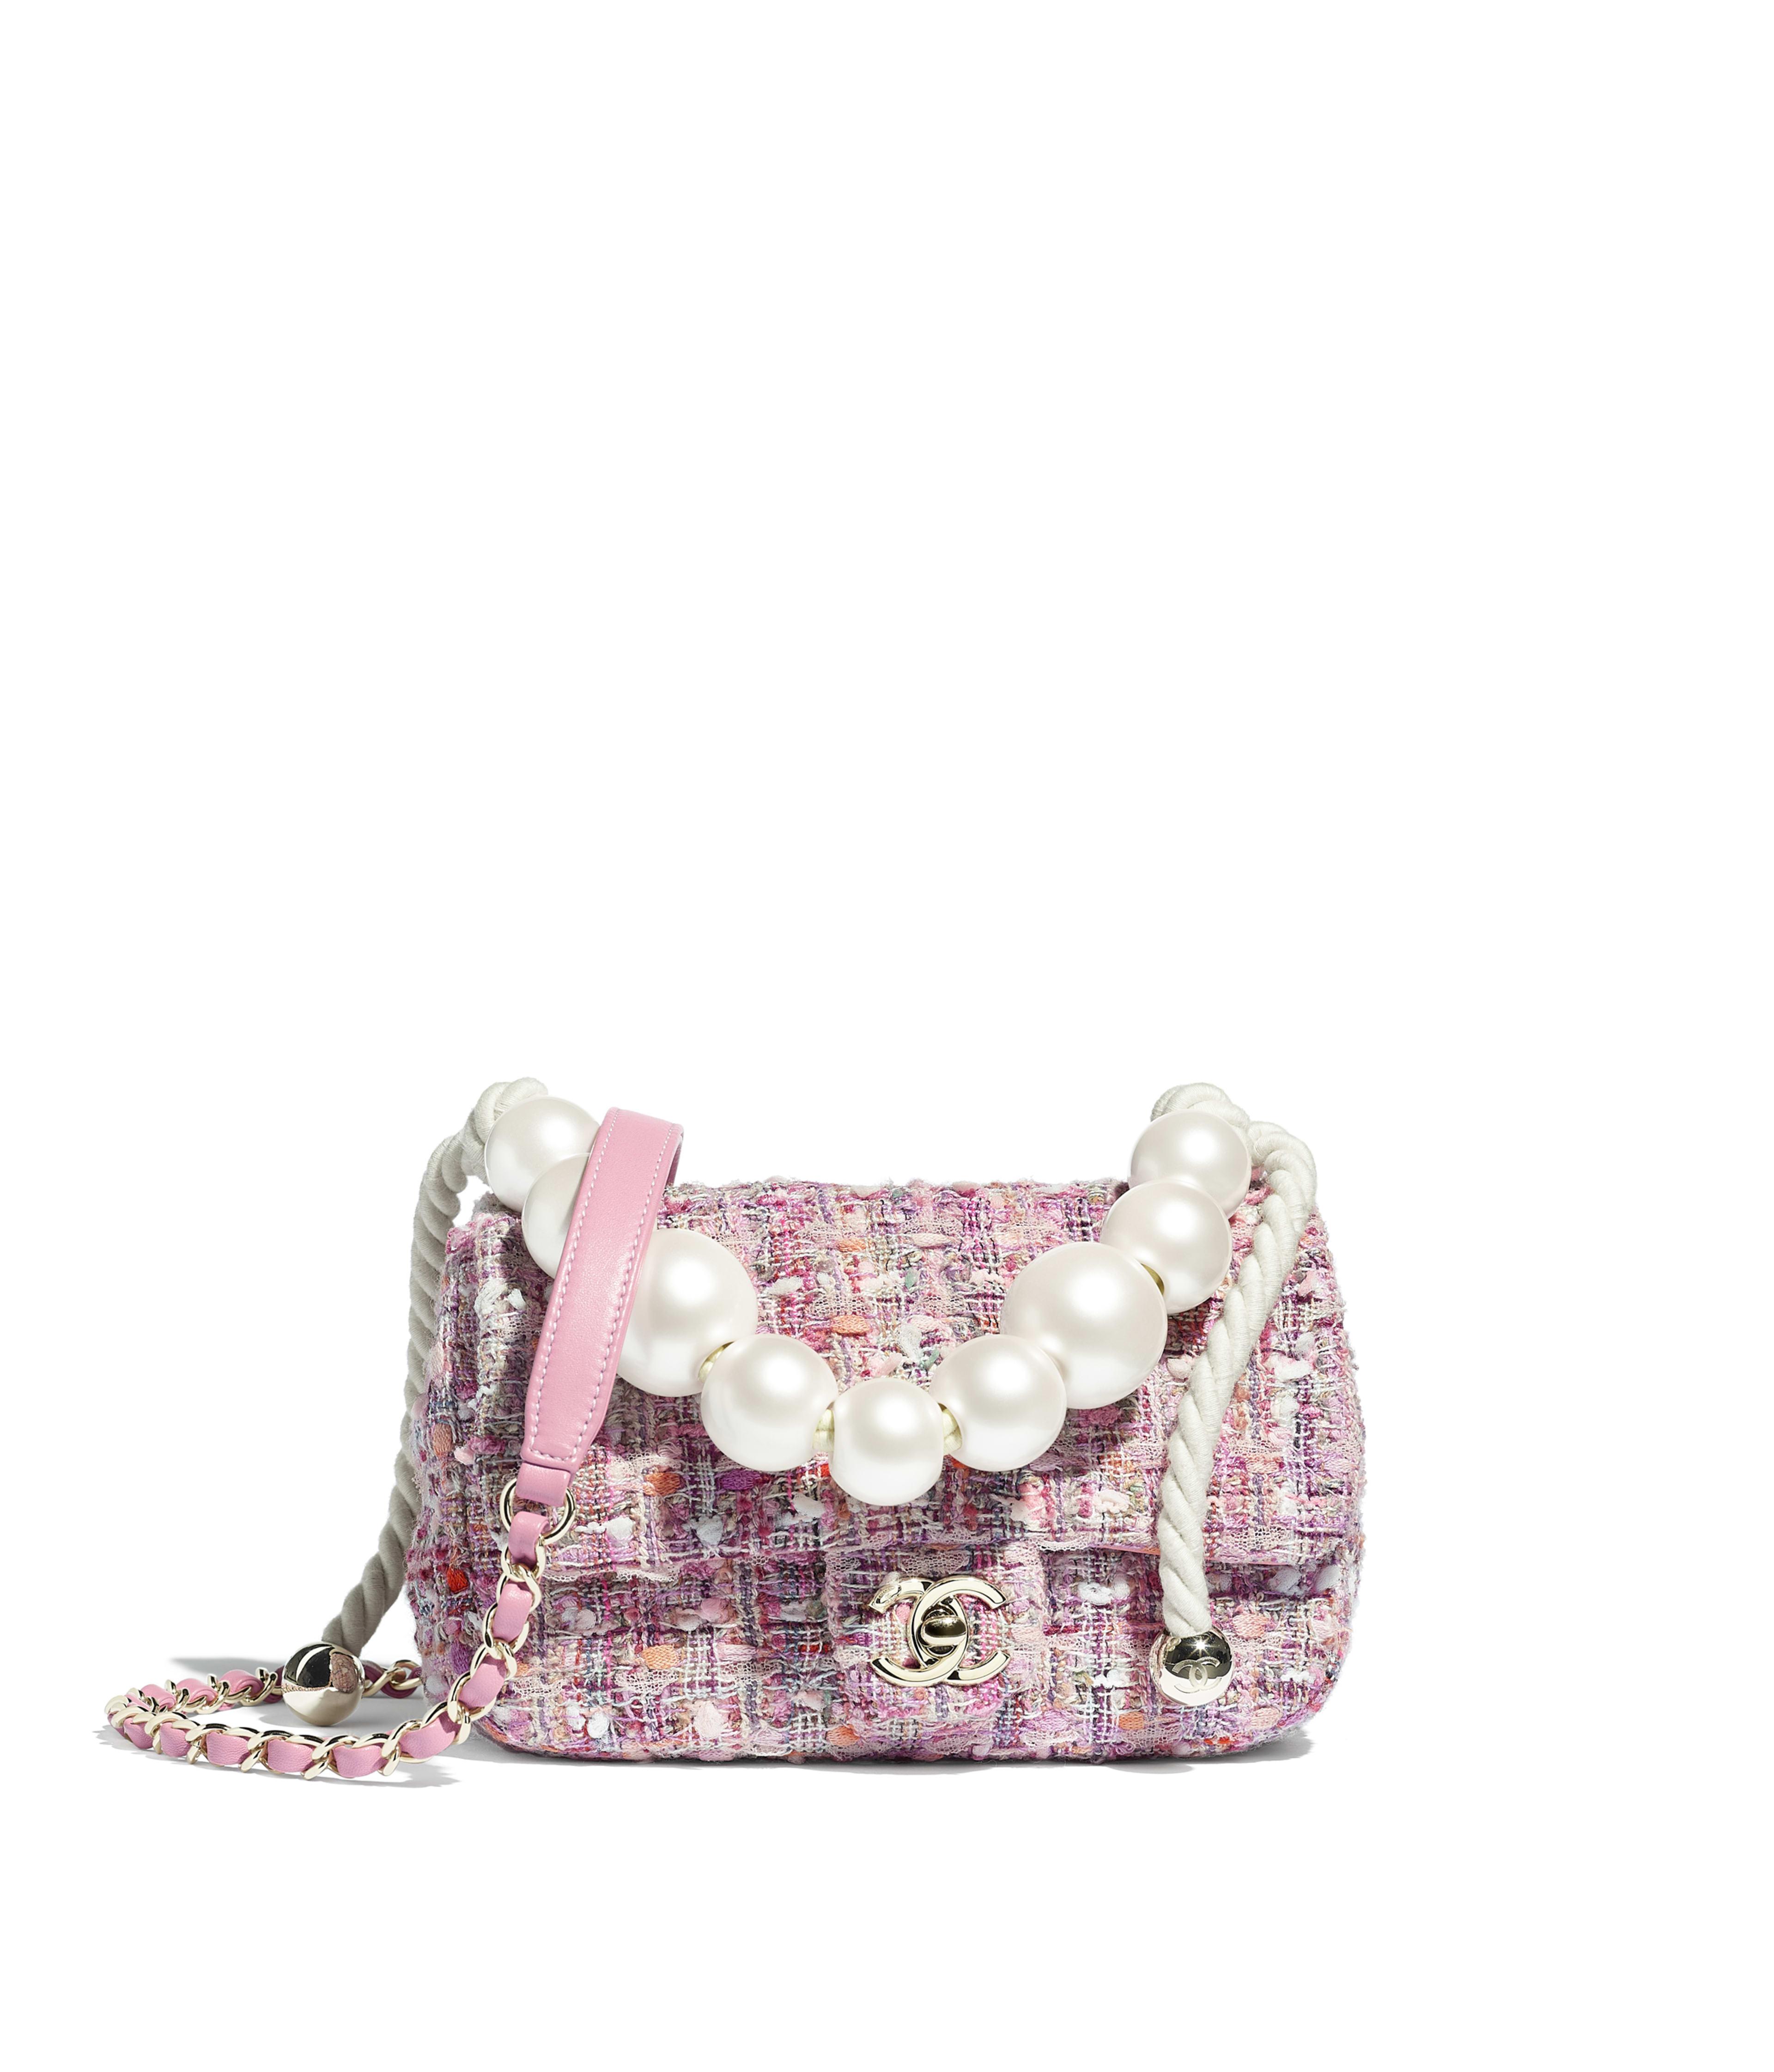 52b32c63f56b Flap Bags - Handbags